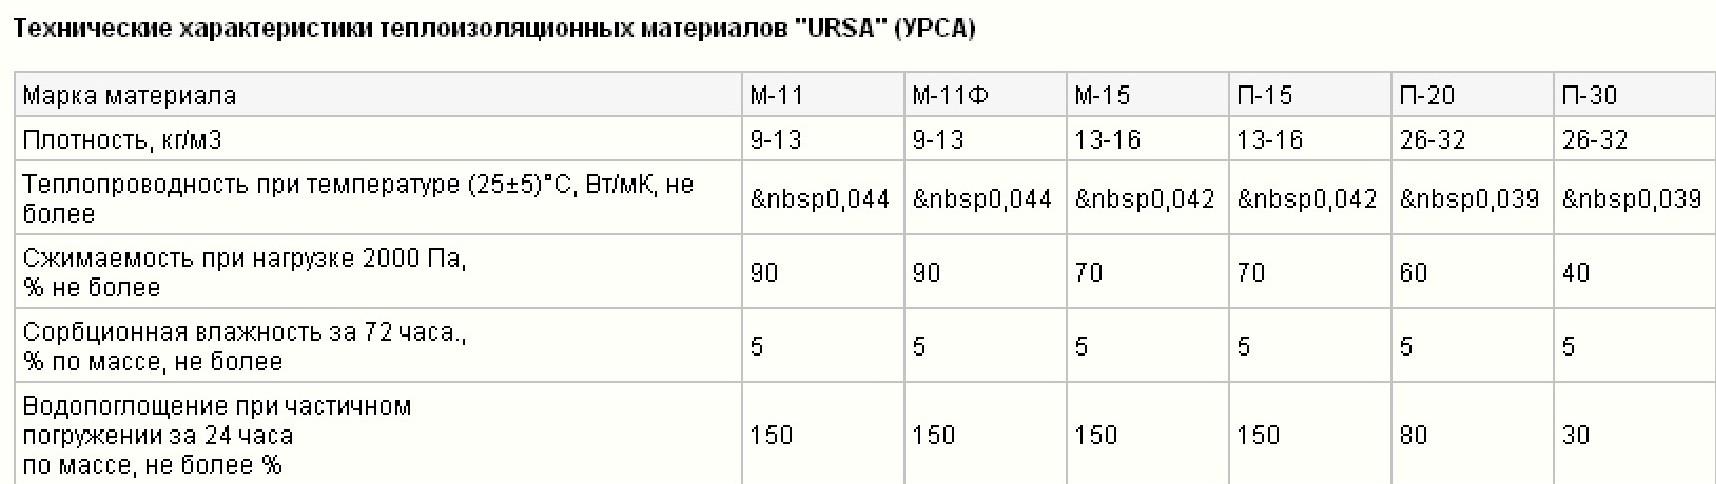 Урса (ursa) — утеплитель из стекловаты